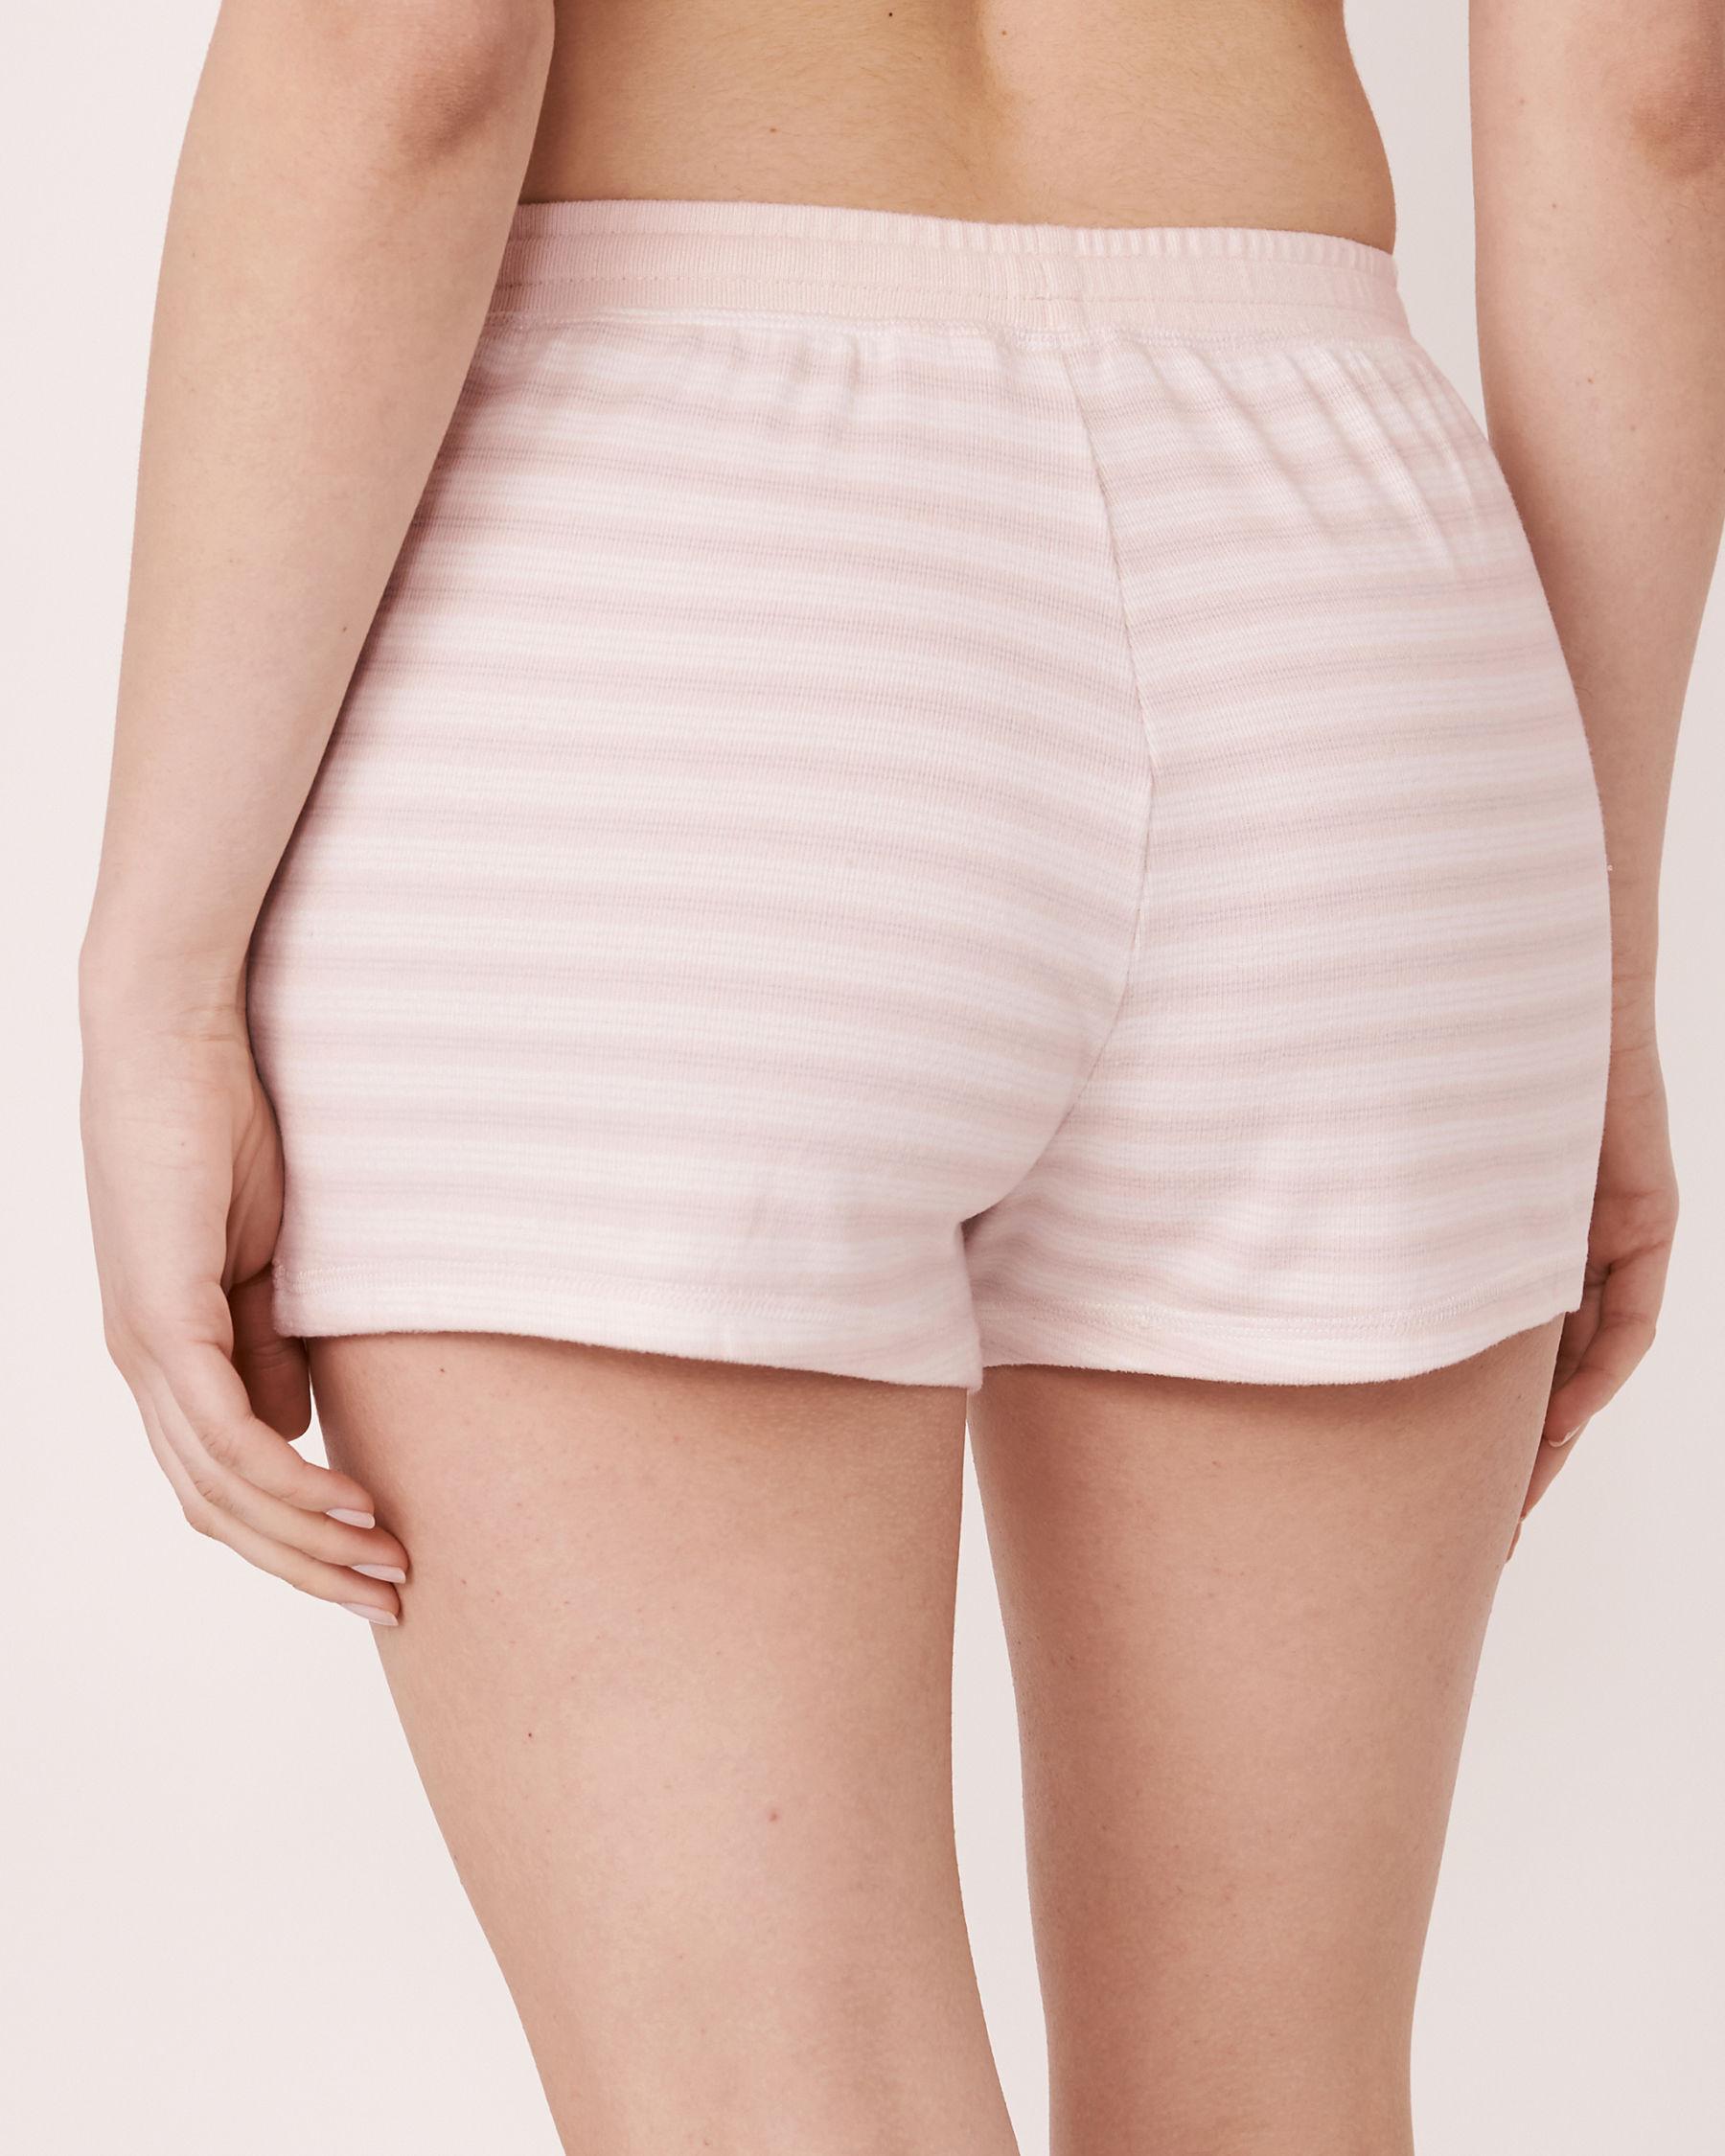 LA VIE EN ROSE Short de pyjama en fibres recyclées Rayures 40200127 - Voir2